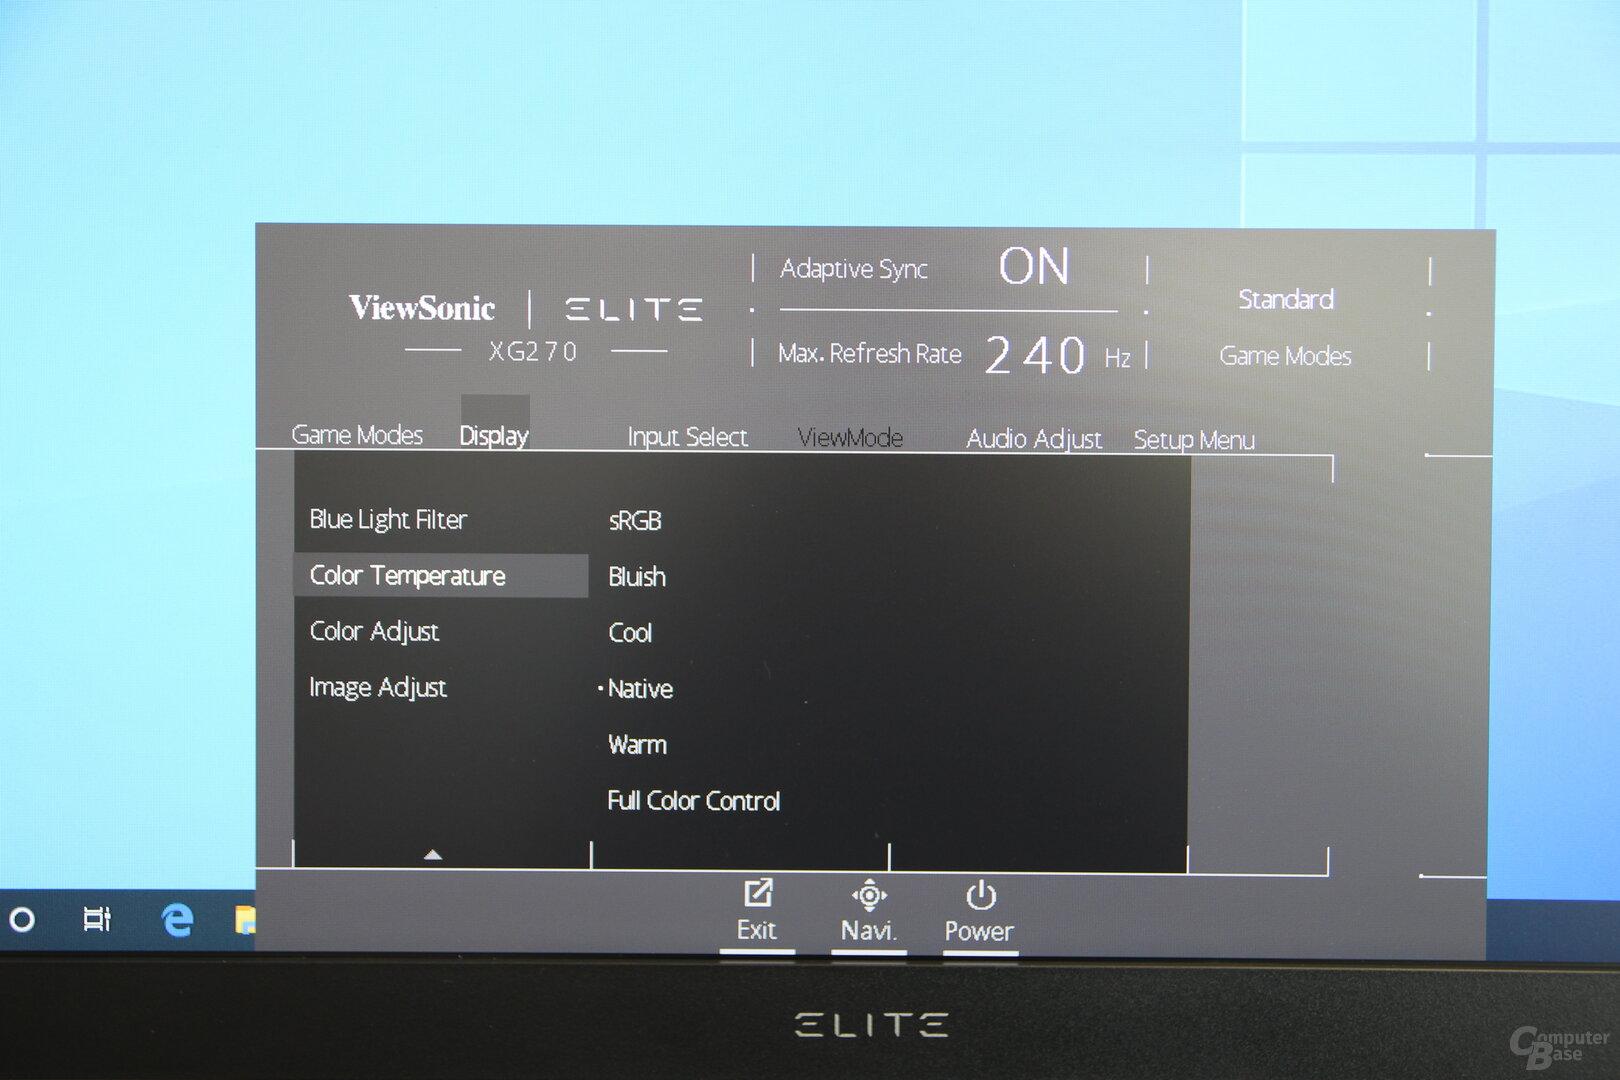 OSD des ViewSonic XG270